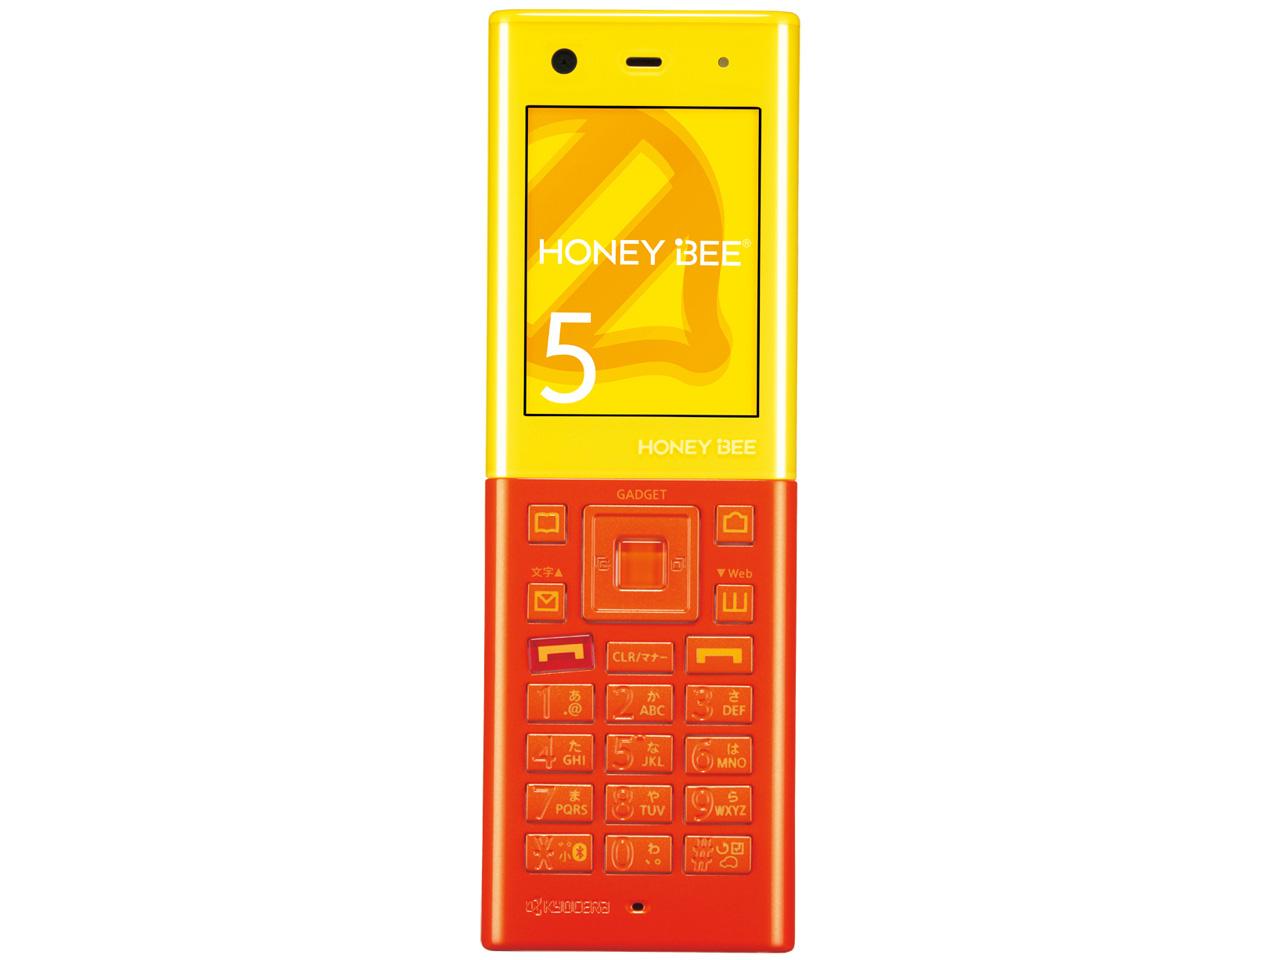 『本体 正面』 HONEY BEE 5 WX07K [イエロー&オレンジ] の製品画像